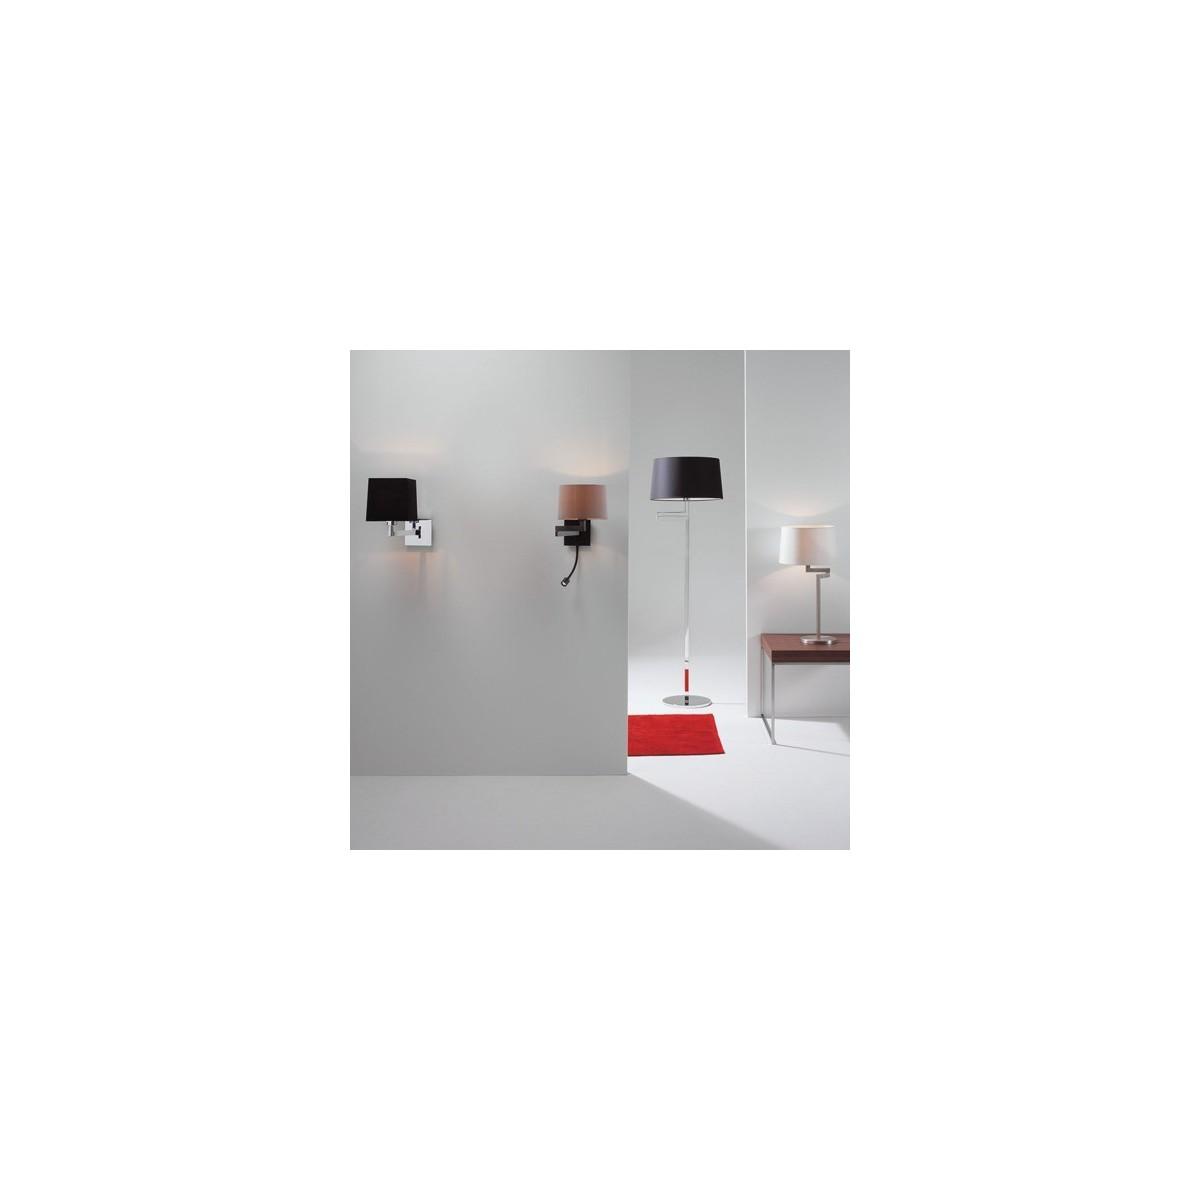 Astro Tapered Round 215 Abażur Biały 5006001